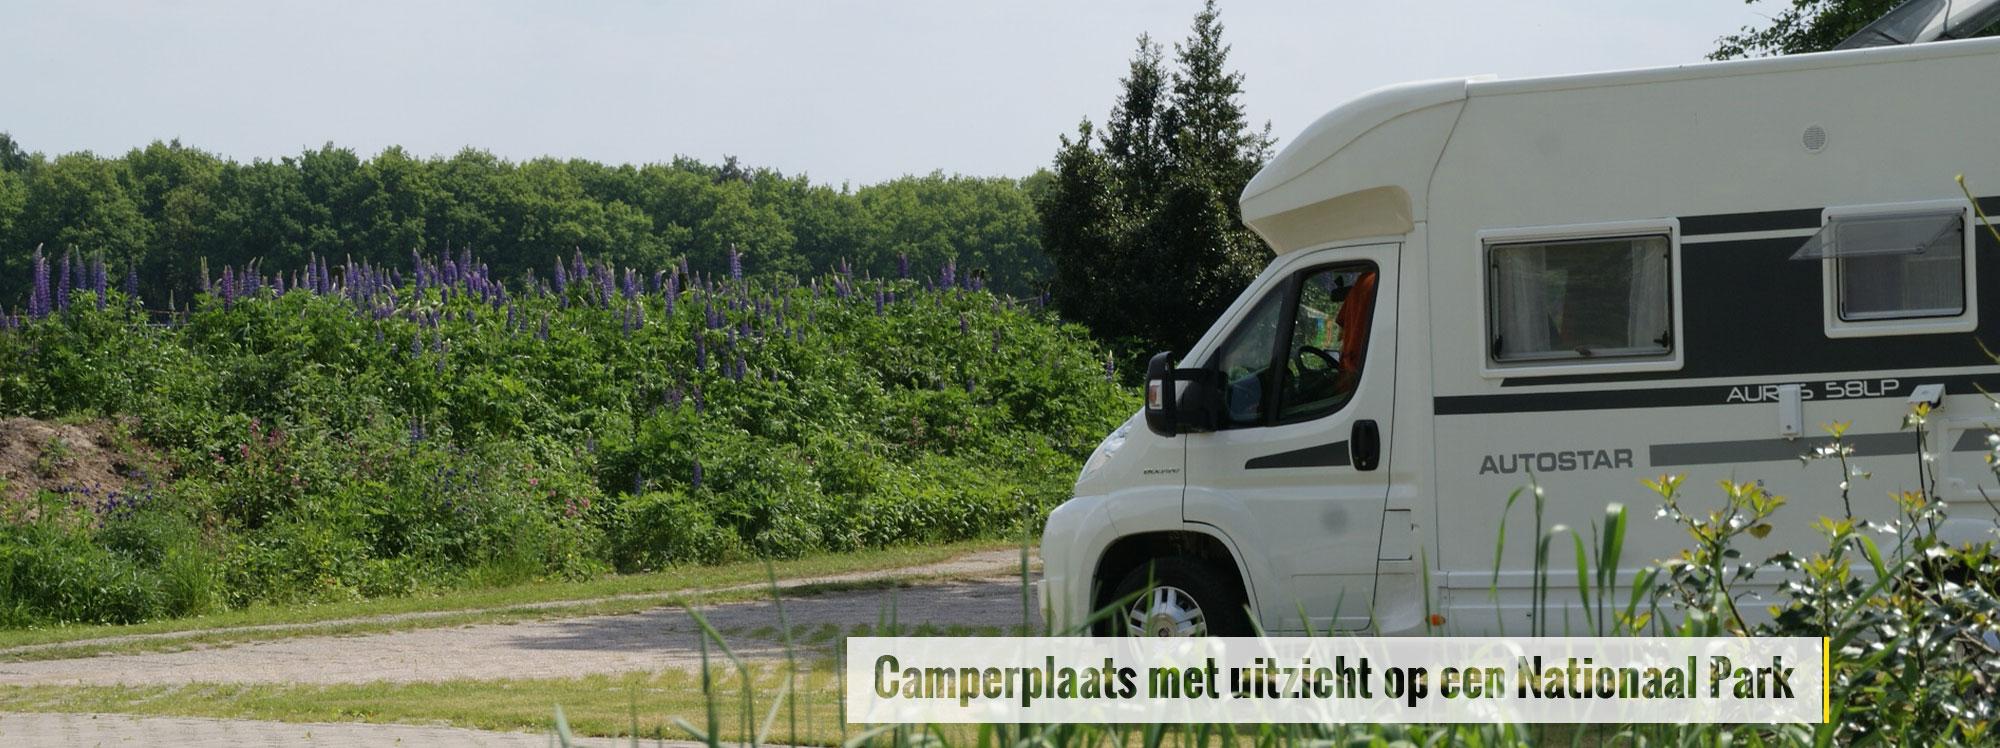 camperplaats_uitzicht_park